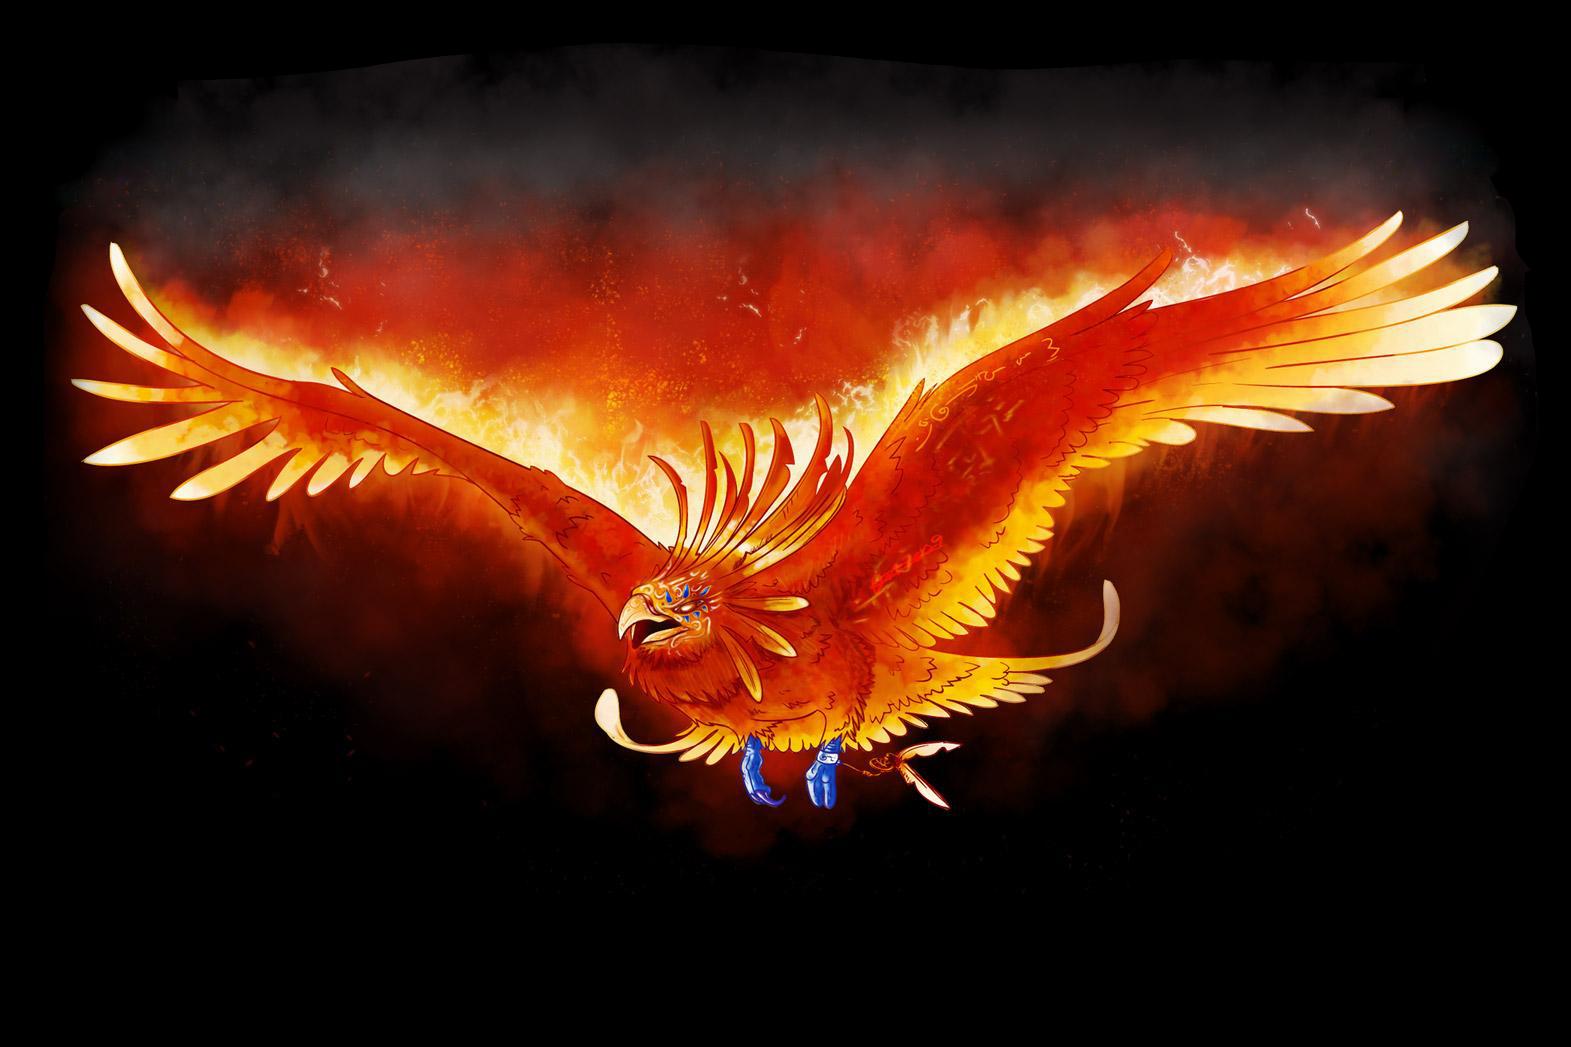 Wallpapers Phoenix 85 1571x1047